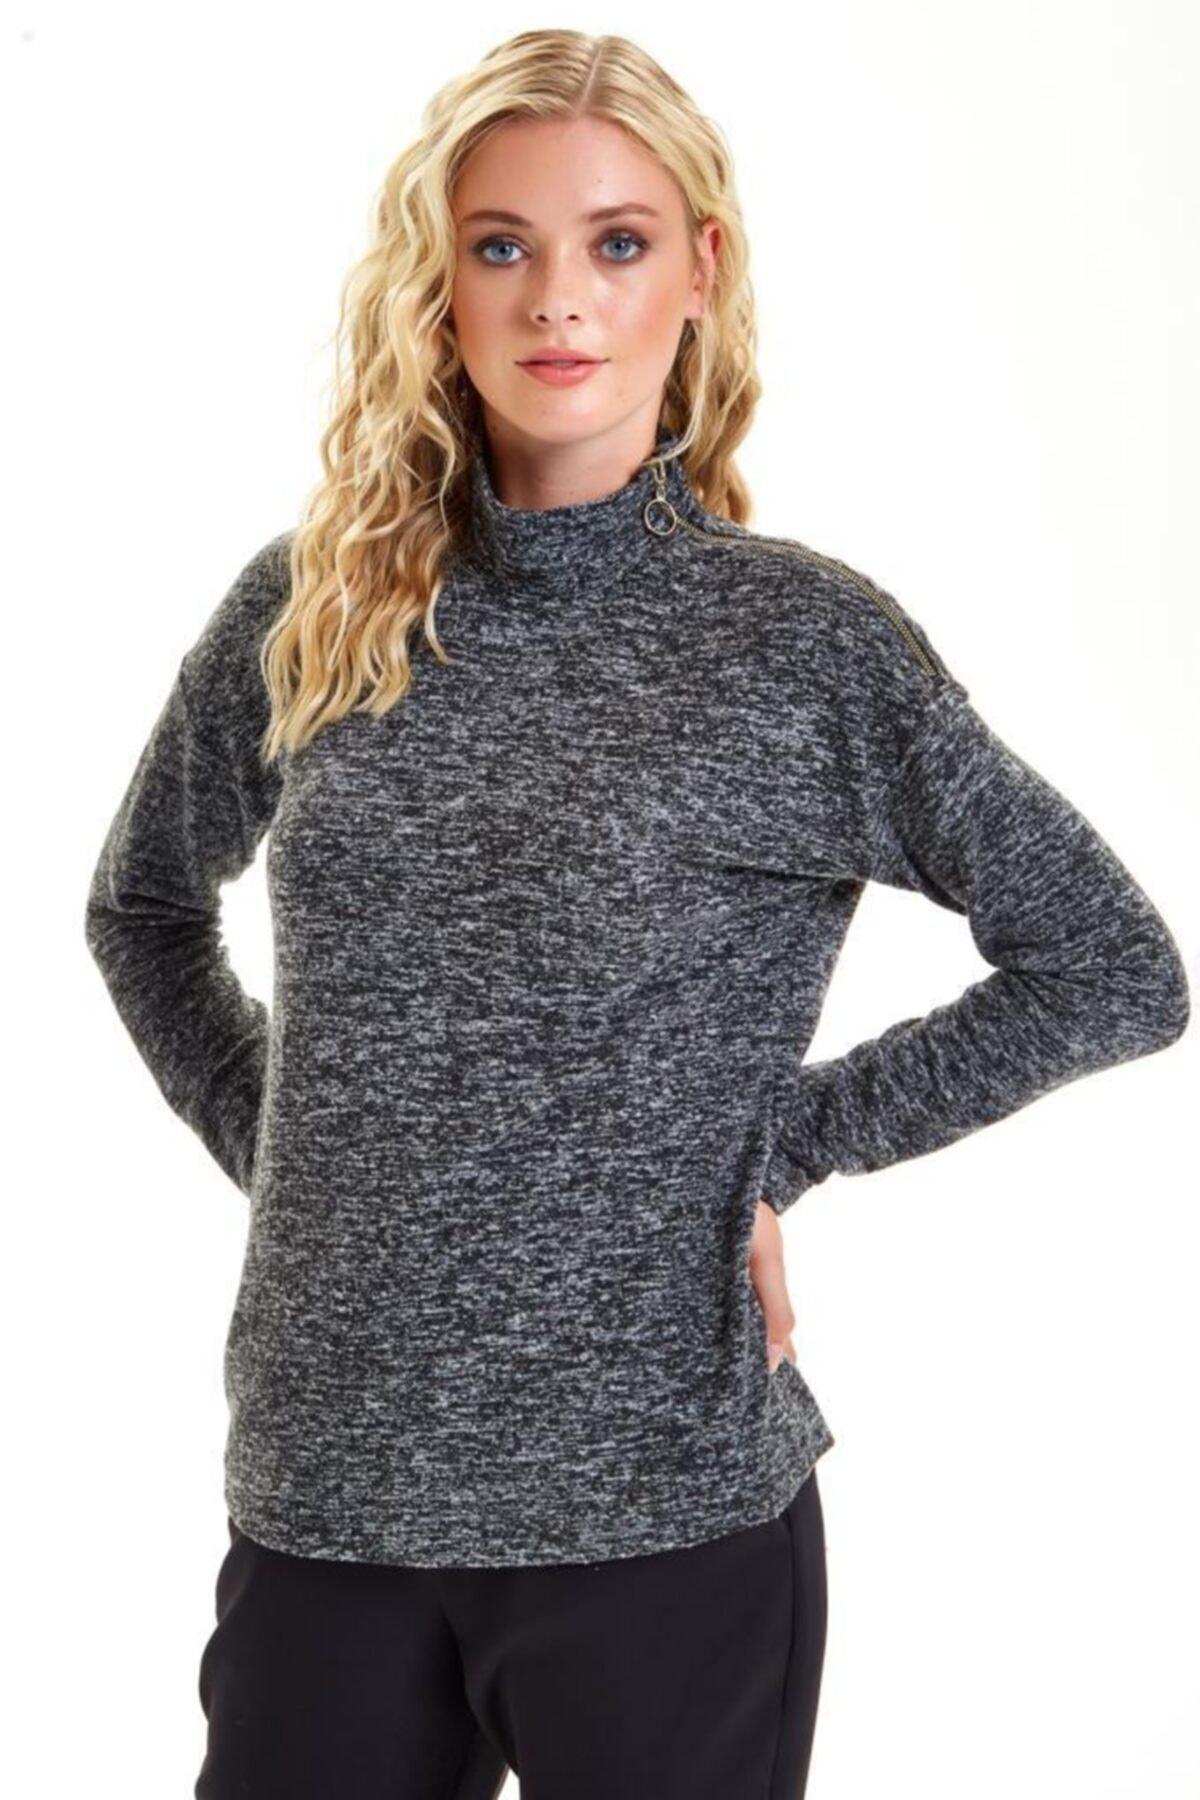 İKİLER Omuzu Metal Fermuarlı Uzun Kol Triko Bluz 201-1729 1